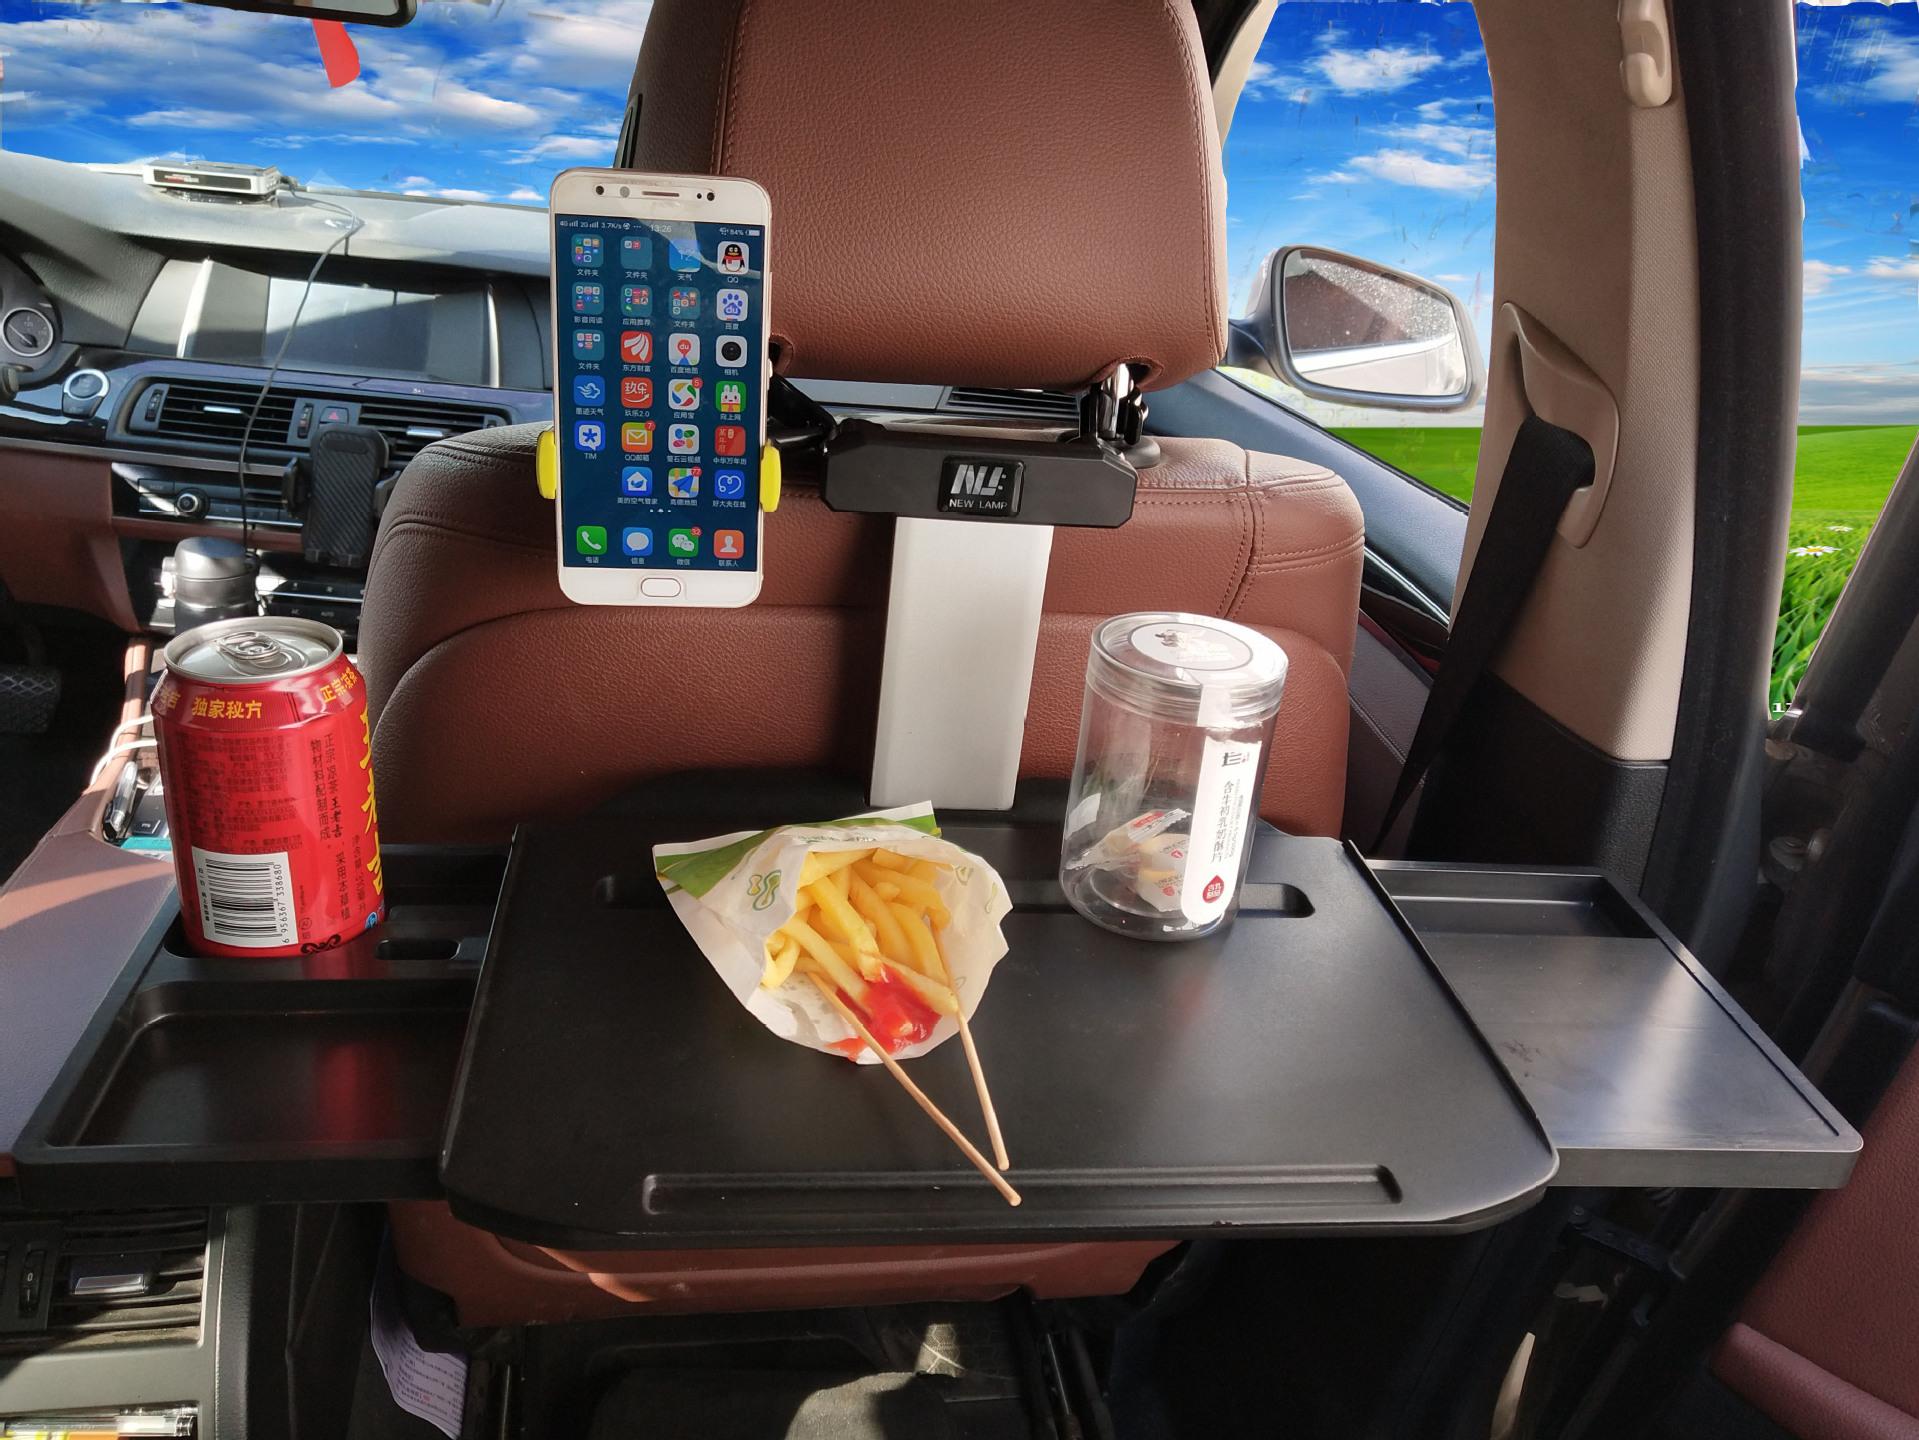 车载电脑支架桌子多功能汽车小桌板折叠小餐桌车载ipad+手机支架|ms